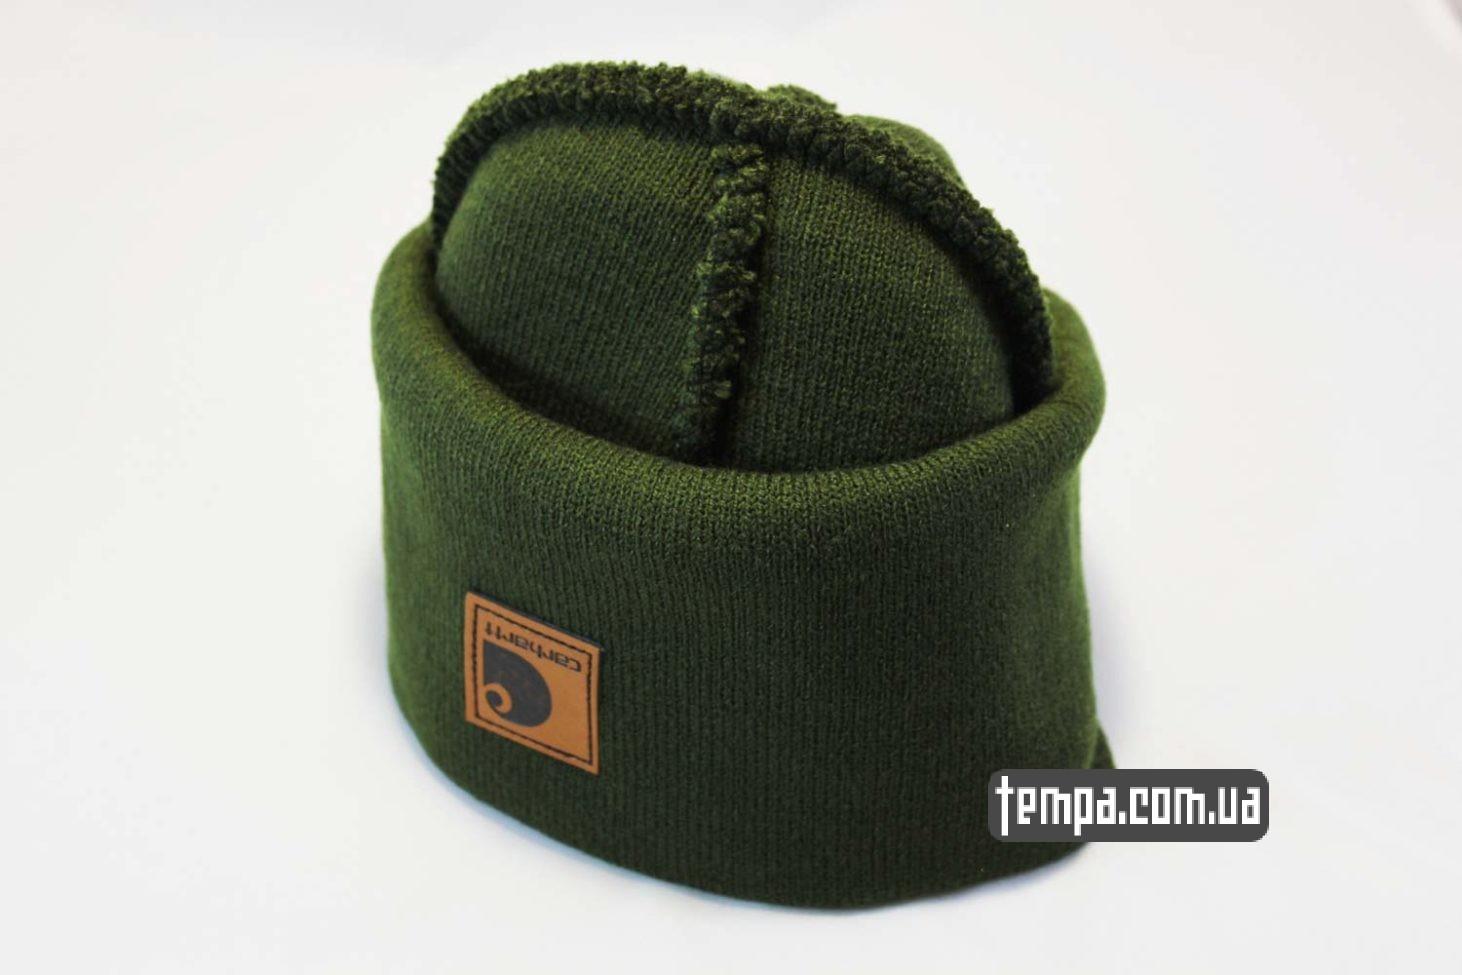 темно-зеленая шапка beanie Carhartt кожаная зеленая с логотипом